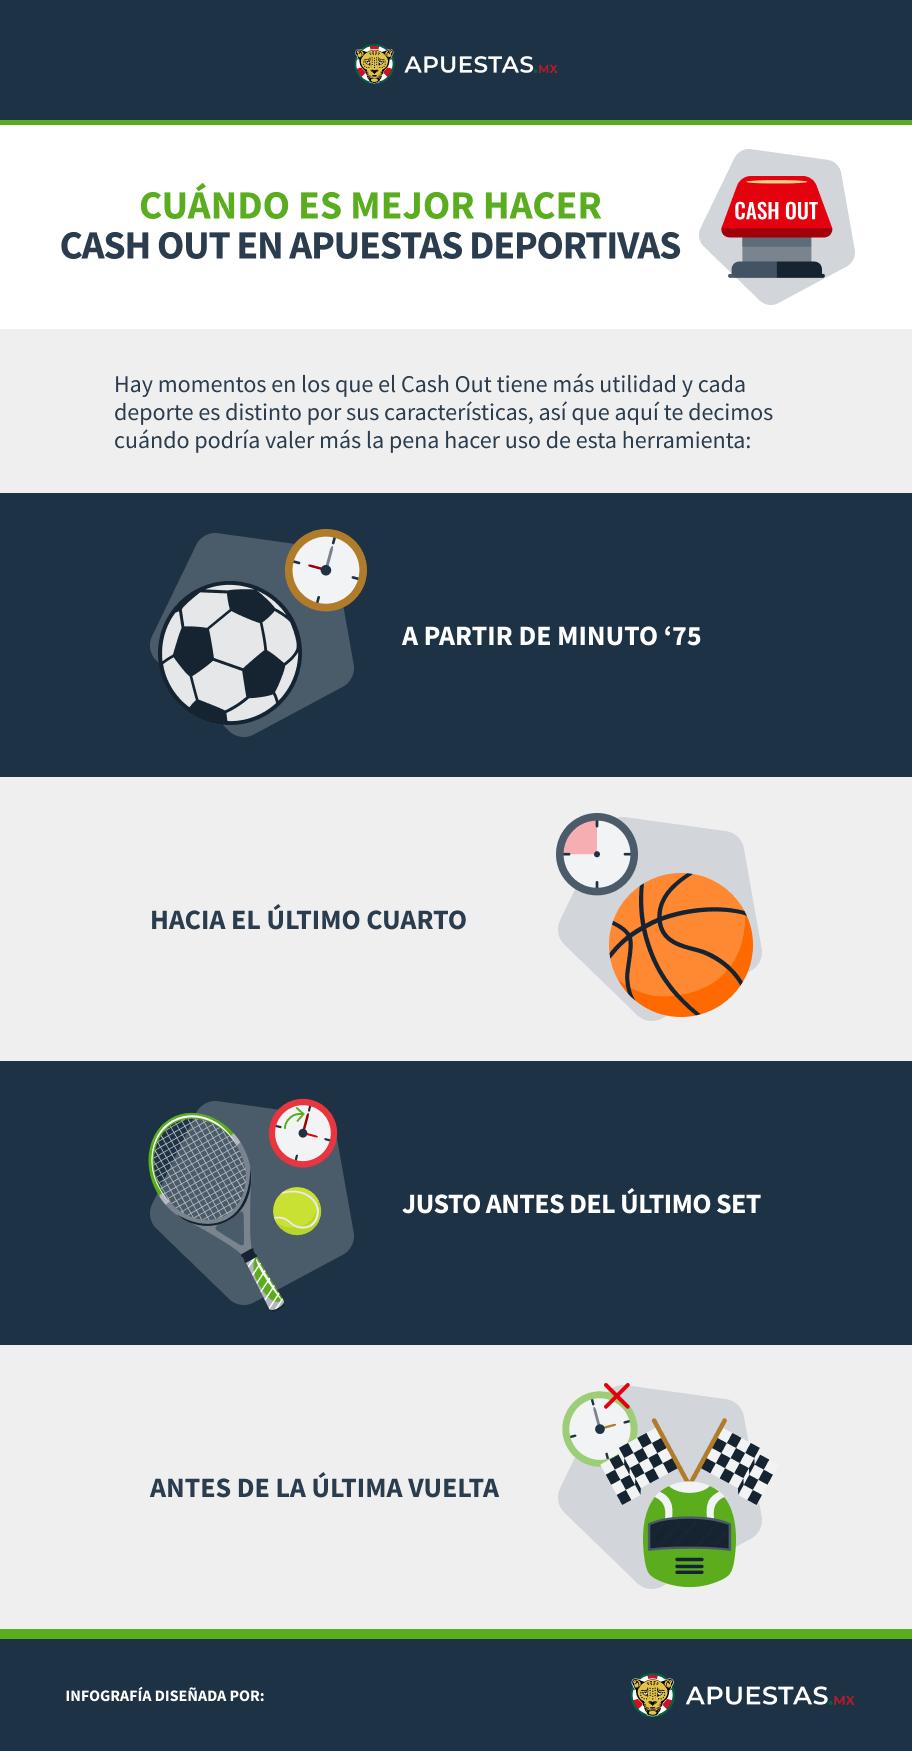 Infografía sobre mejores momentos para hacer Cash Out